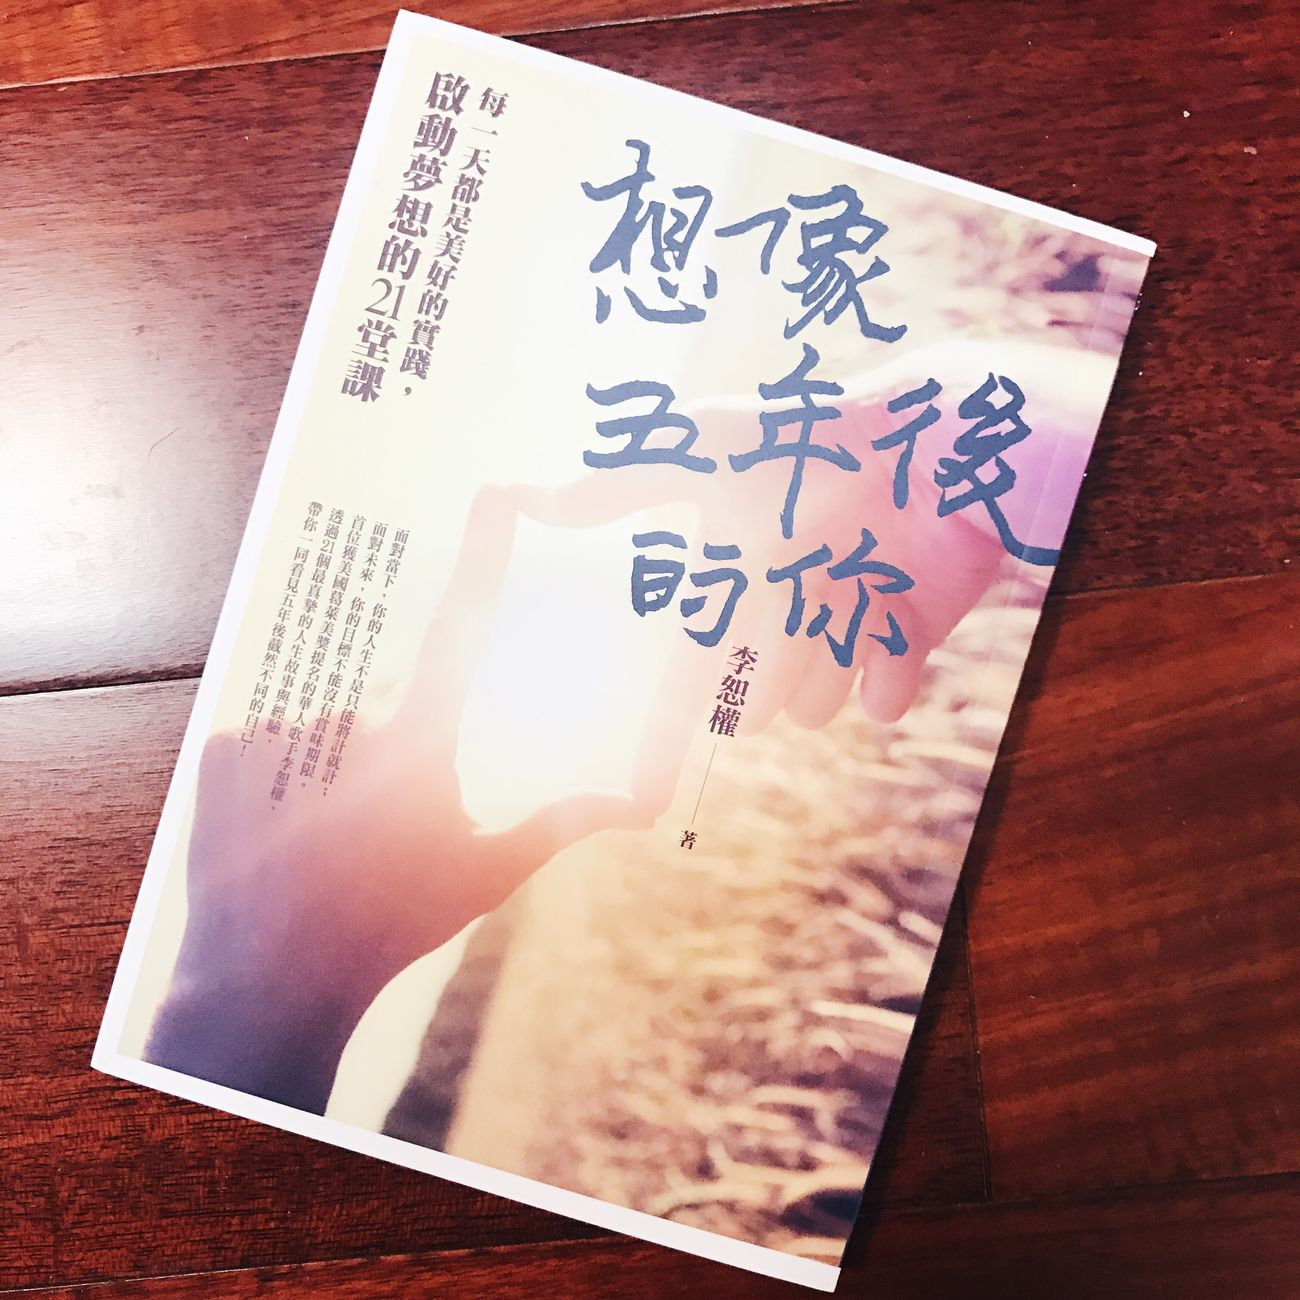 20170214 來自我尊敬的上司 前輩 好友 書是我們的橋樑 看書長知識💪🏻💪🏻💪🏻💪🏻 Yolo Book Kate's Daily Taiwan Vscocam Photography EyeEm VSCO Hello World Love